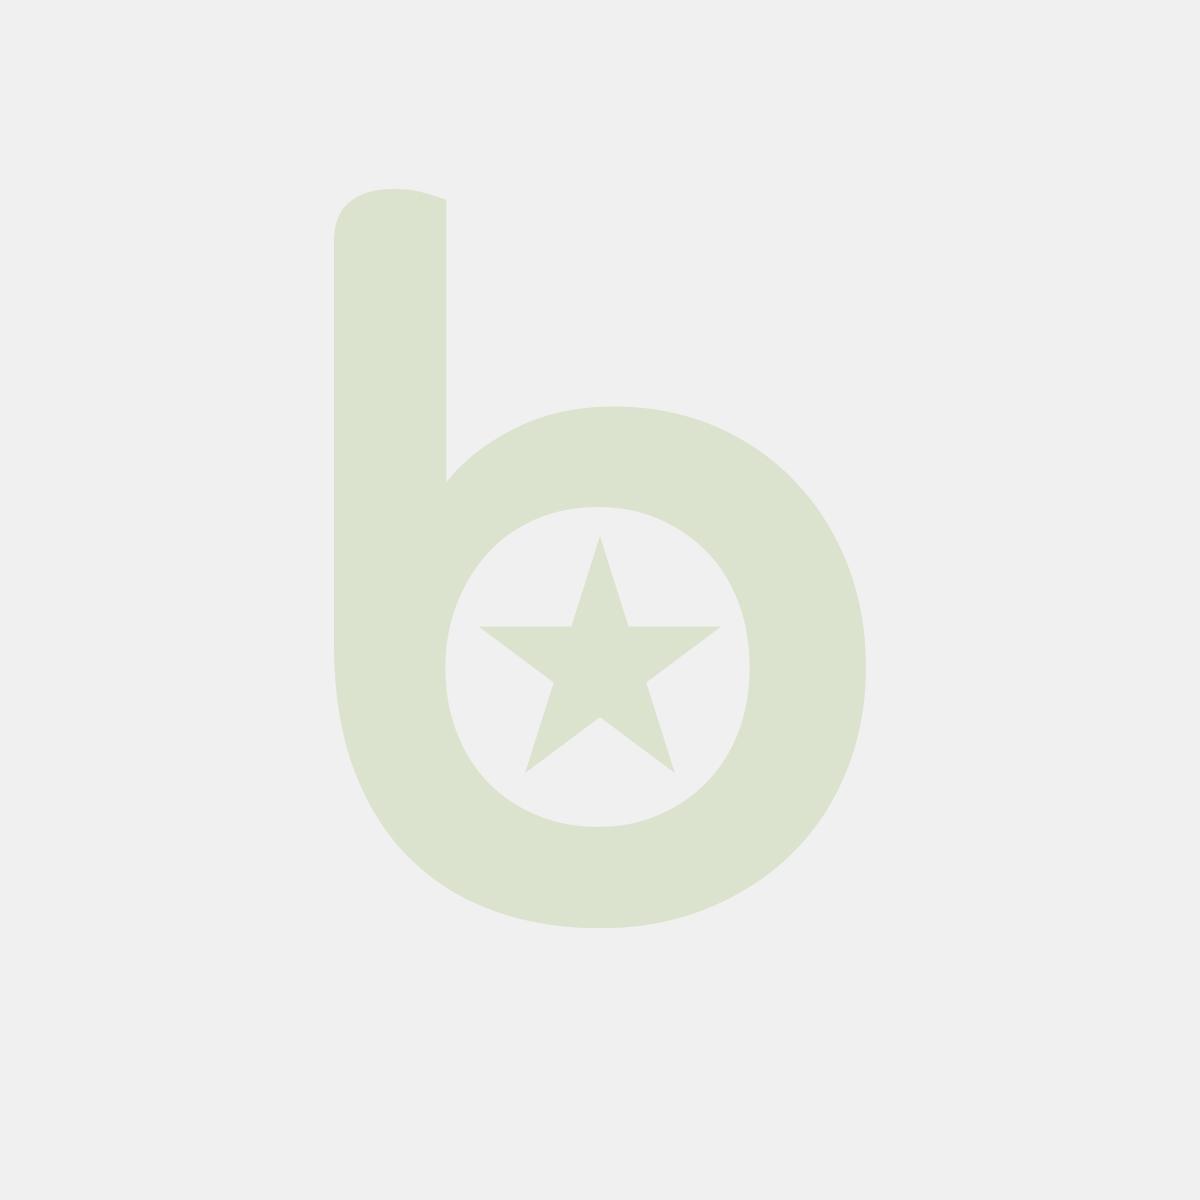 Zestaw Garnków Kurt Scheller Edition - 8-Elementowy